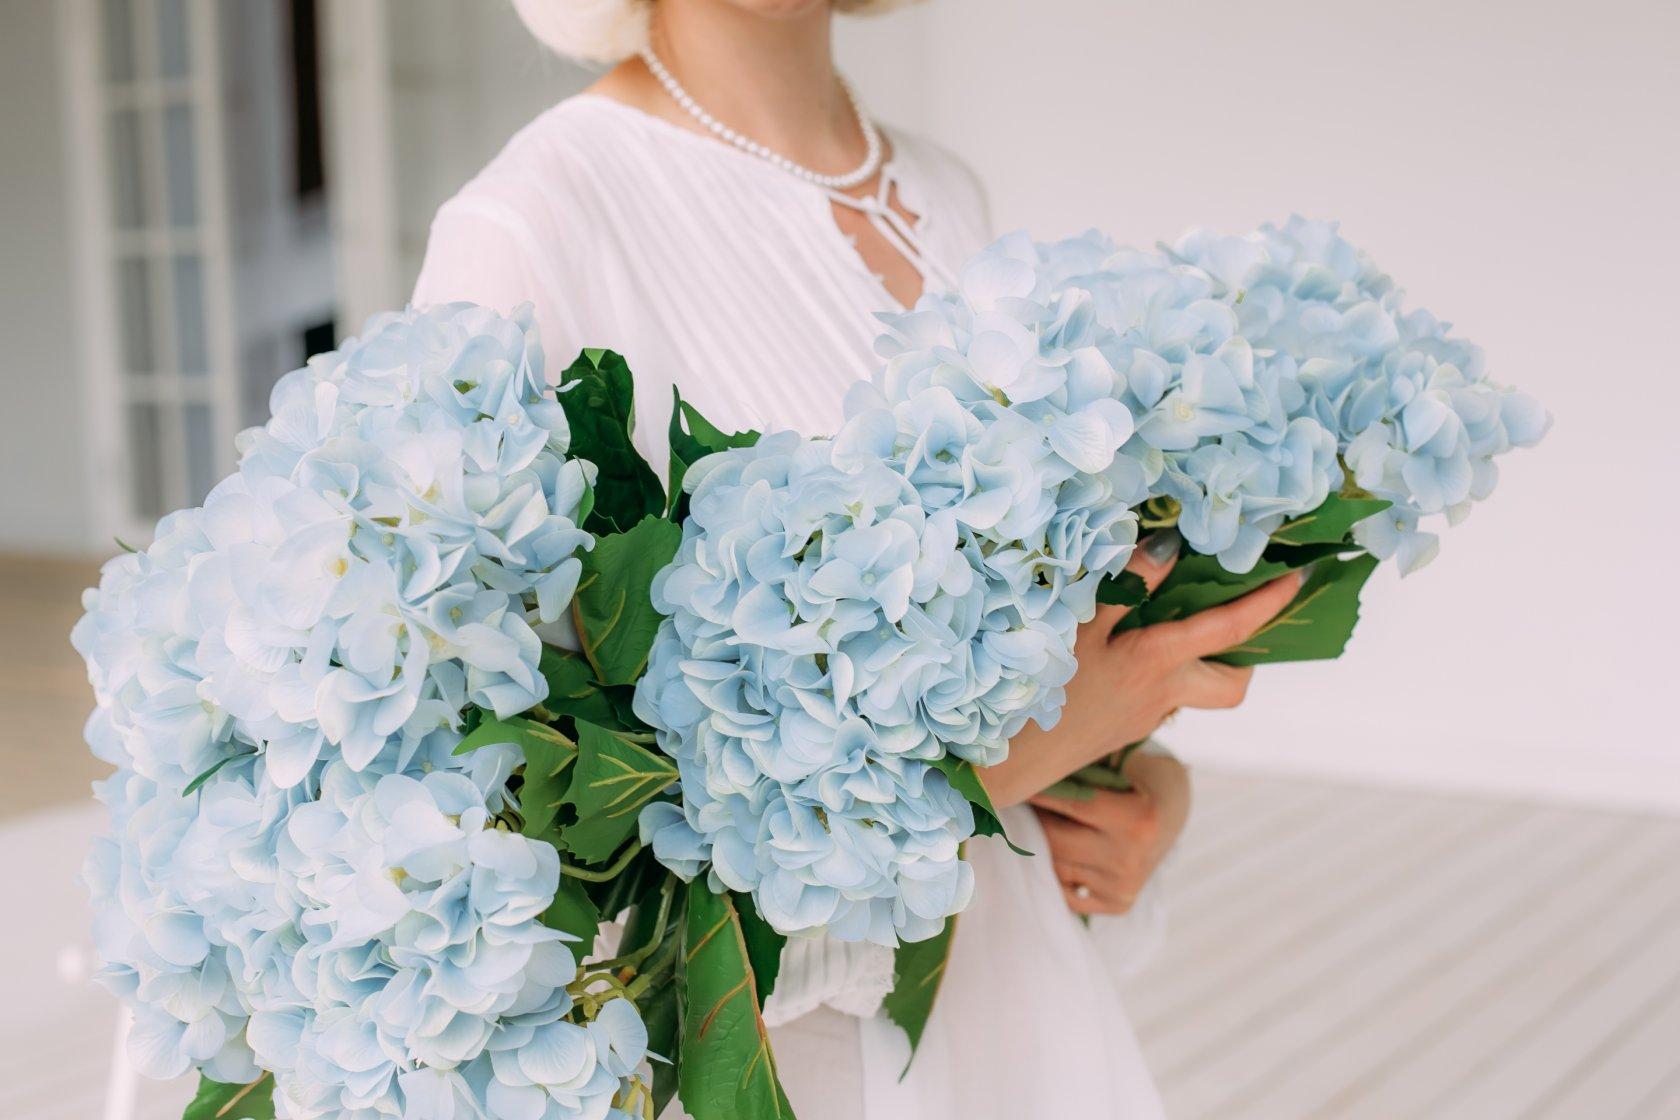 Гортензия: кому можно дарить эти цветы, согласно их знаечнию? 11